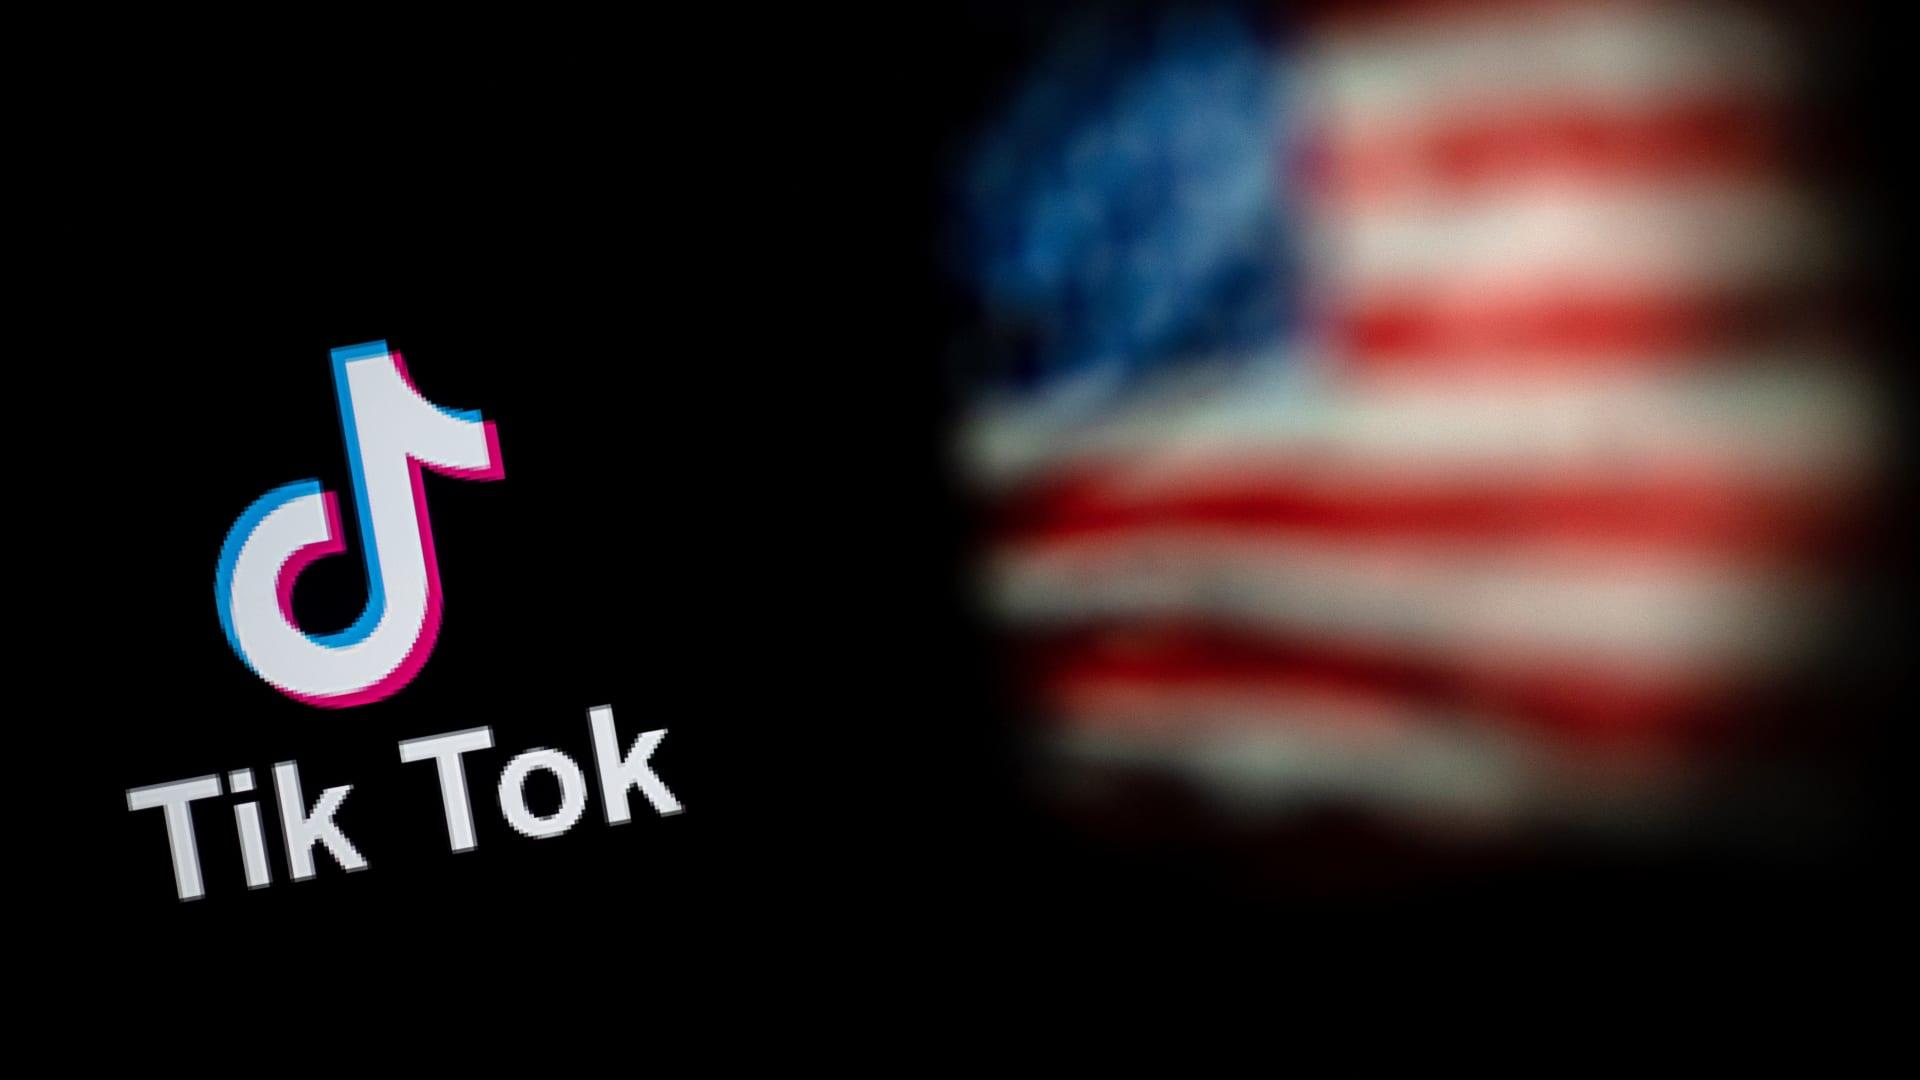 هل يشكل تيك توك ووي تشات تهديدات حقيقية للأمن القومي؟ خبراء يوضحون لـCNN المخاطر